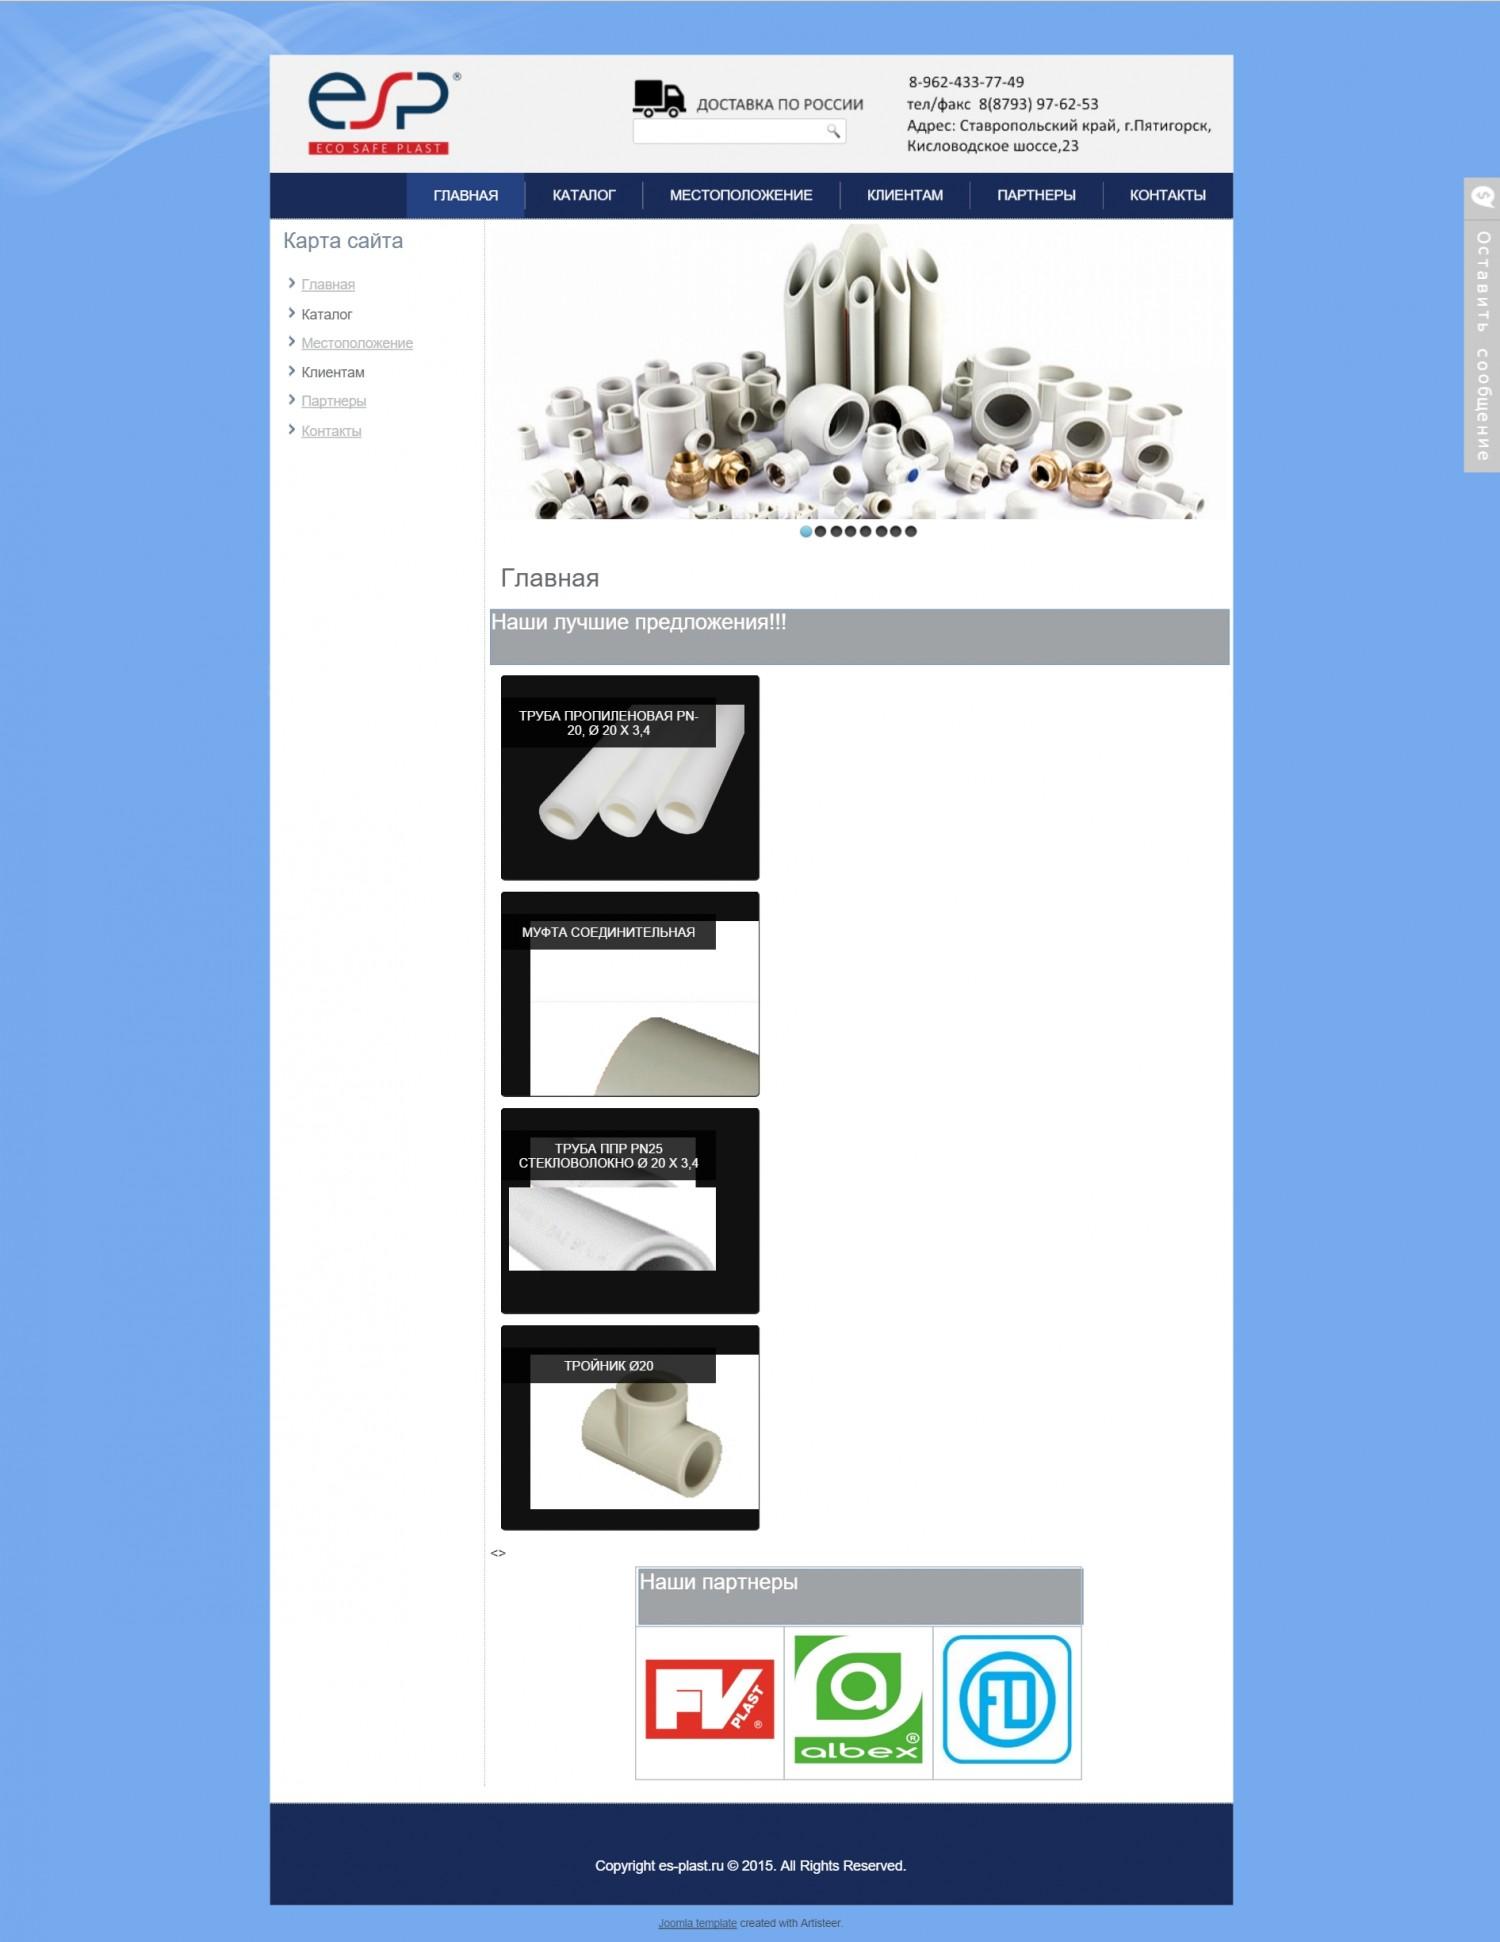 Вид предыдущей версии сайта для ООО ЕС-Пласт